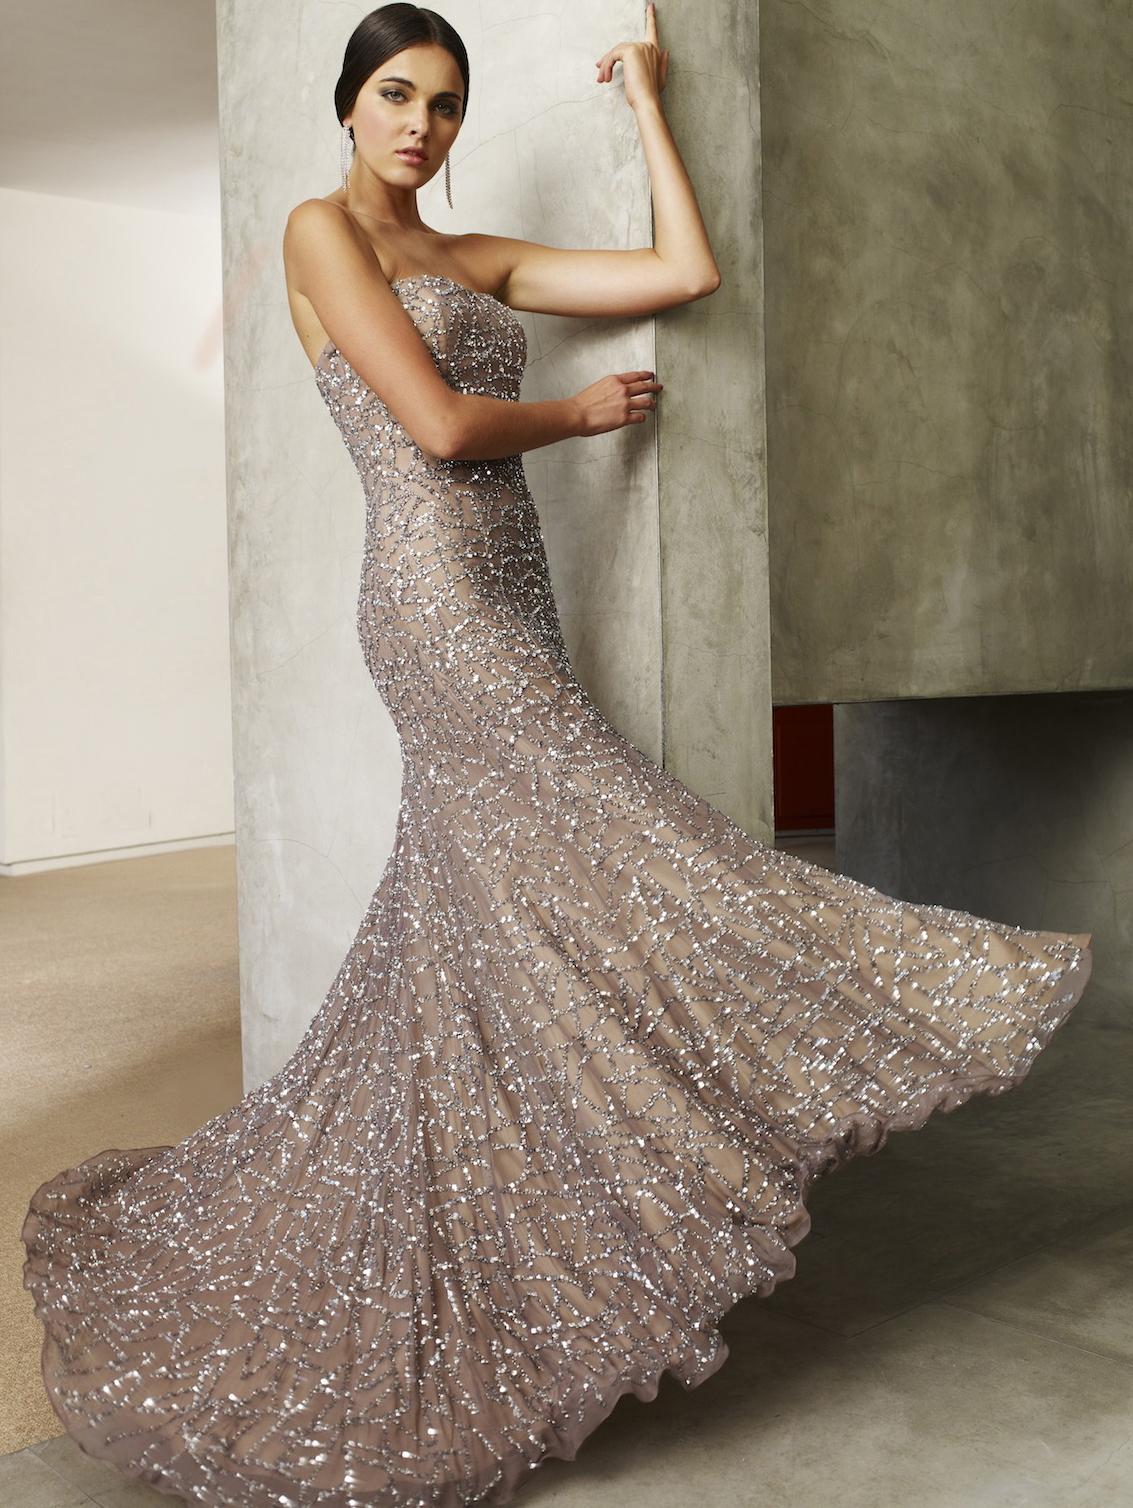 2019 Yılbaşı Gecesi İçin En Güzel Elbise Önerileri